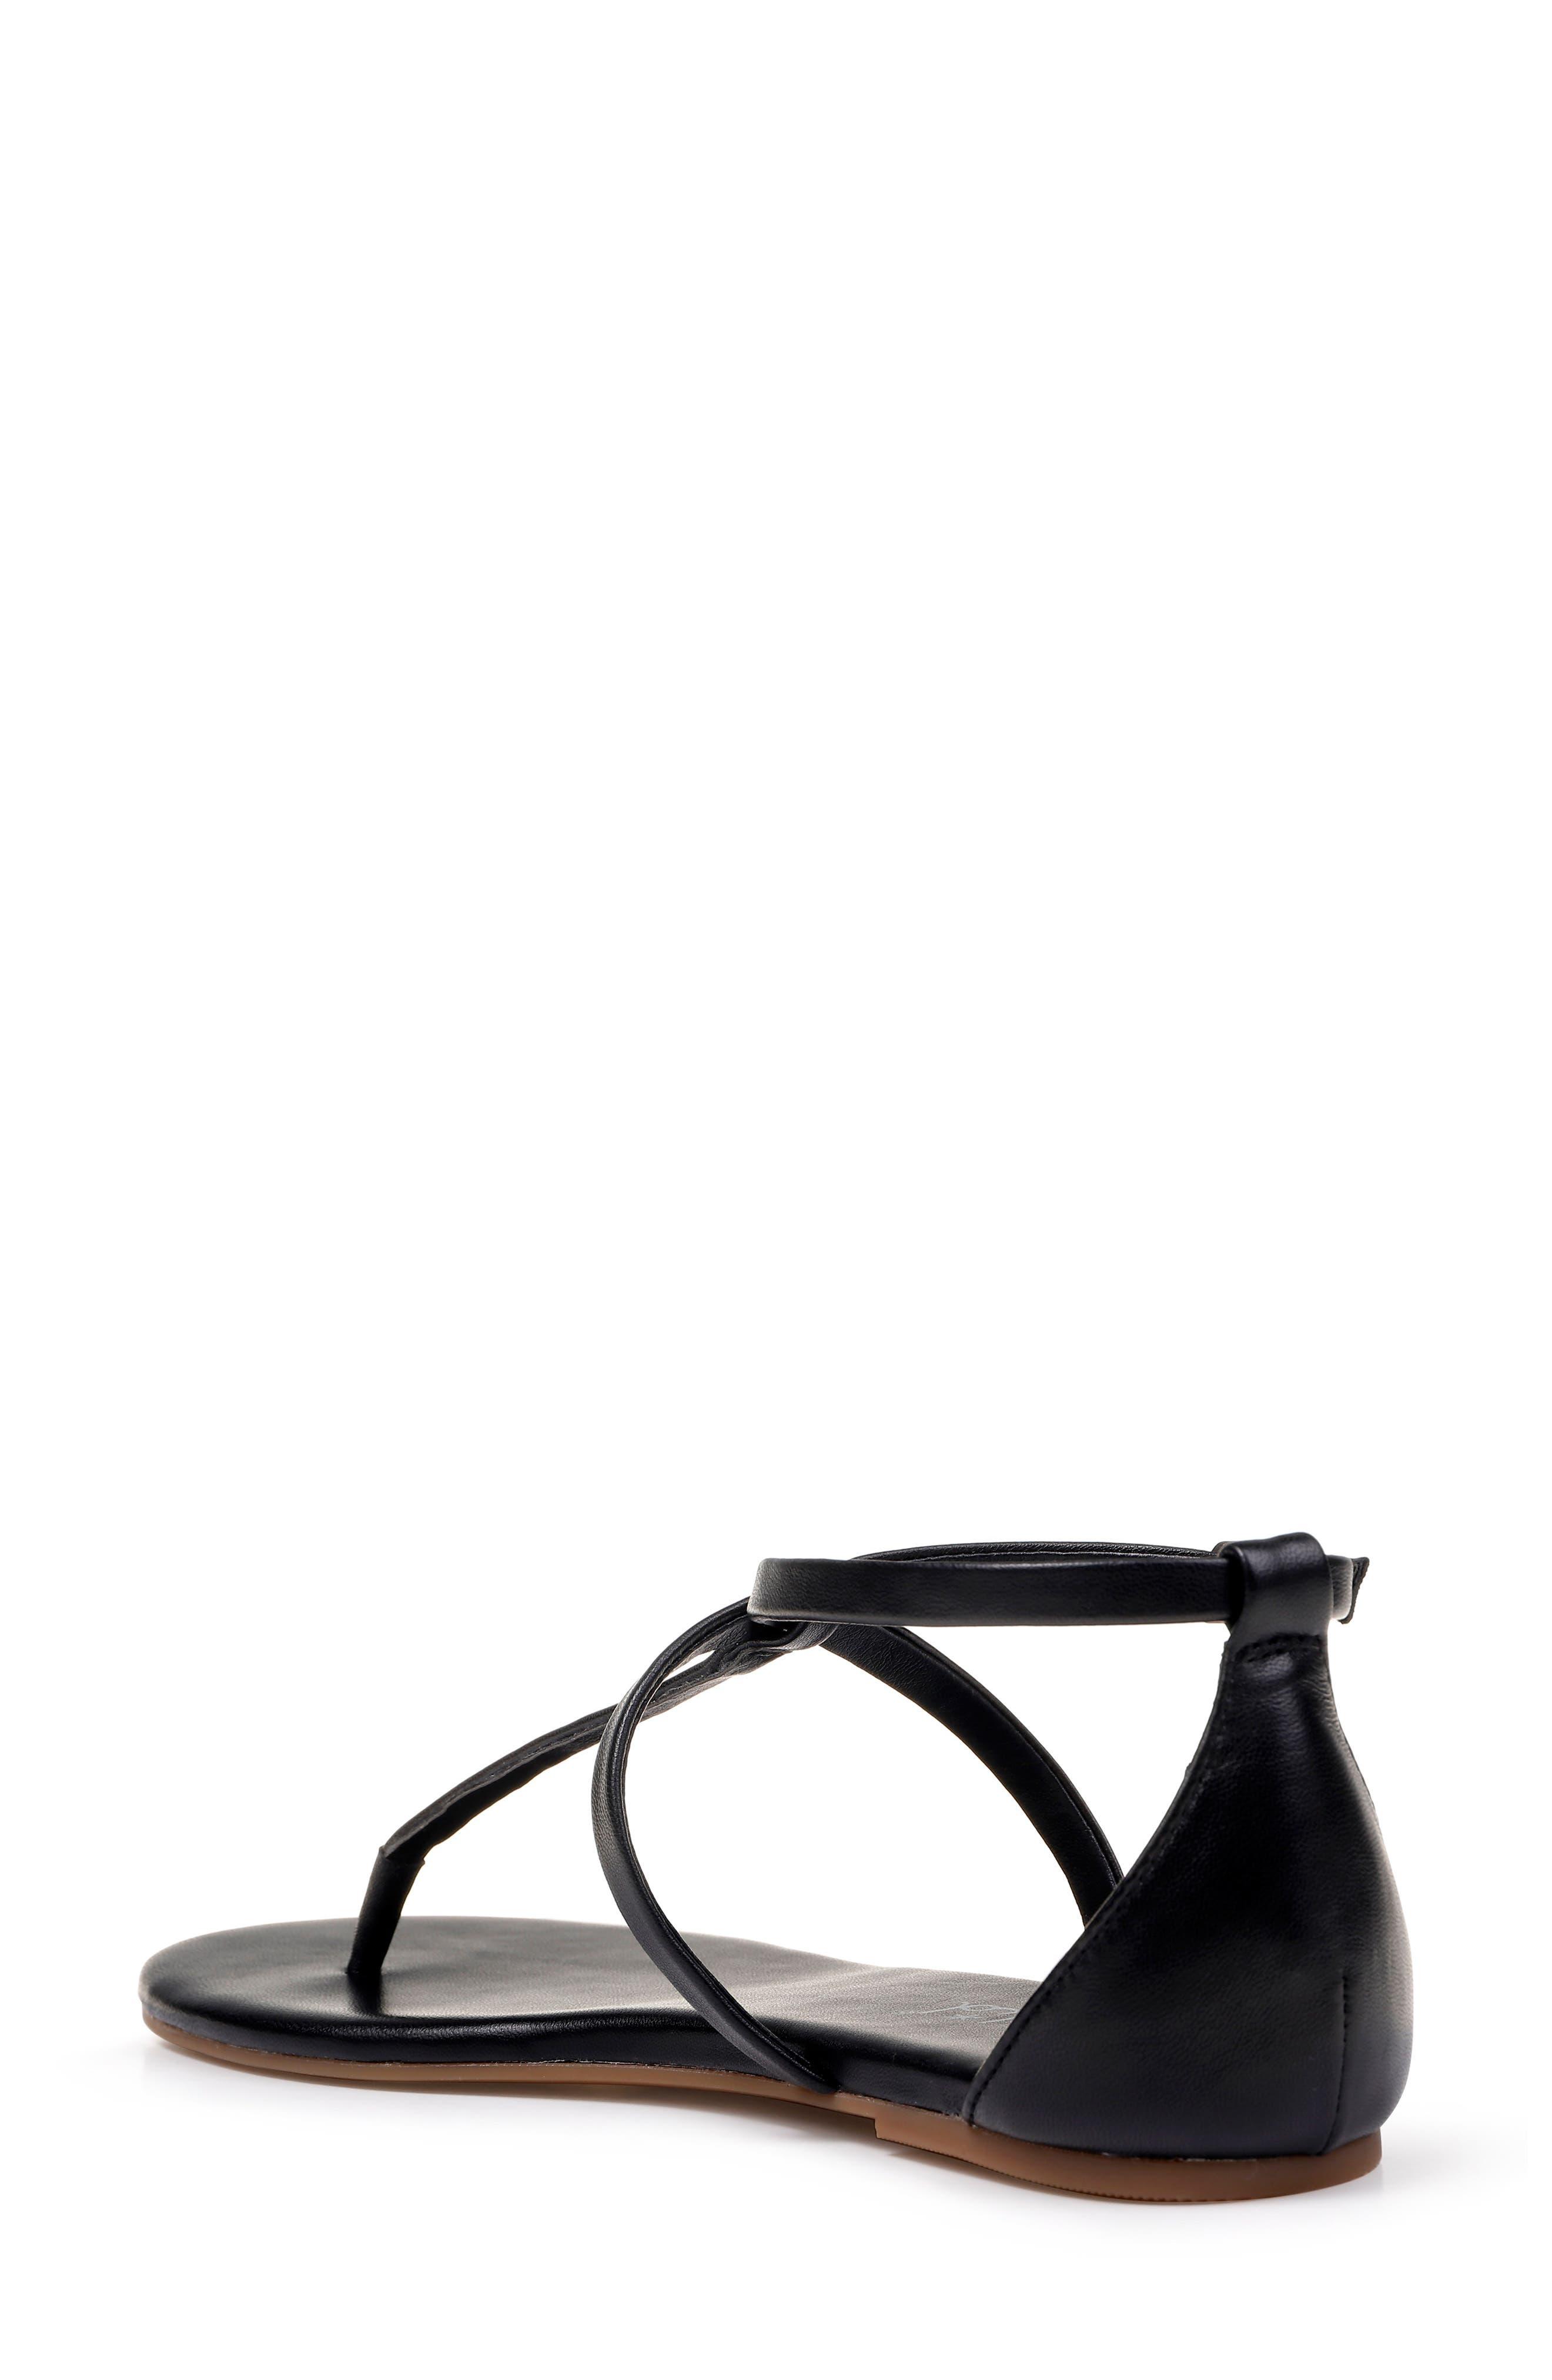 SPLENDID, Sundae T-Strap Sandal, Alternate thumbnail 2, color, BLACK LEATHER